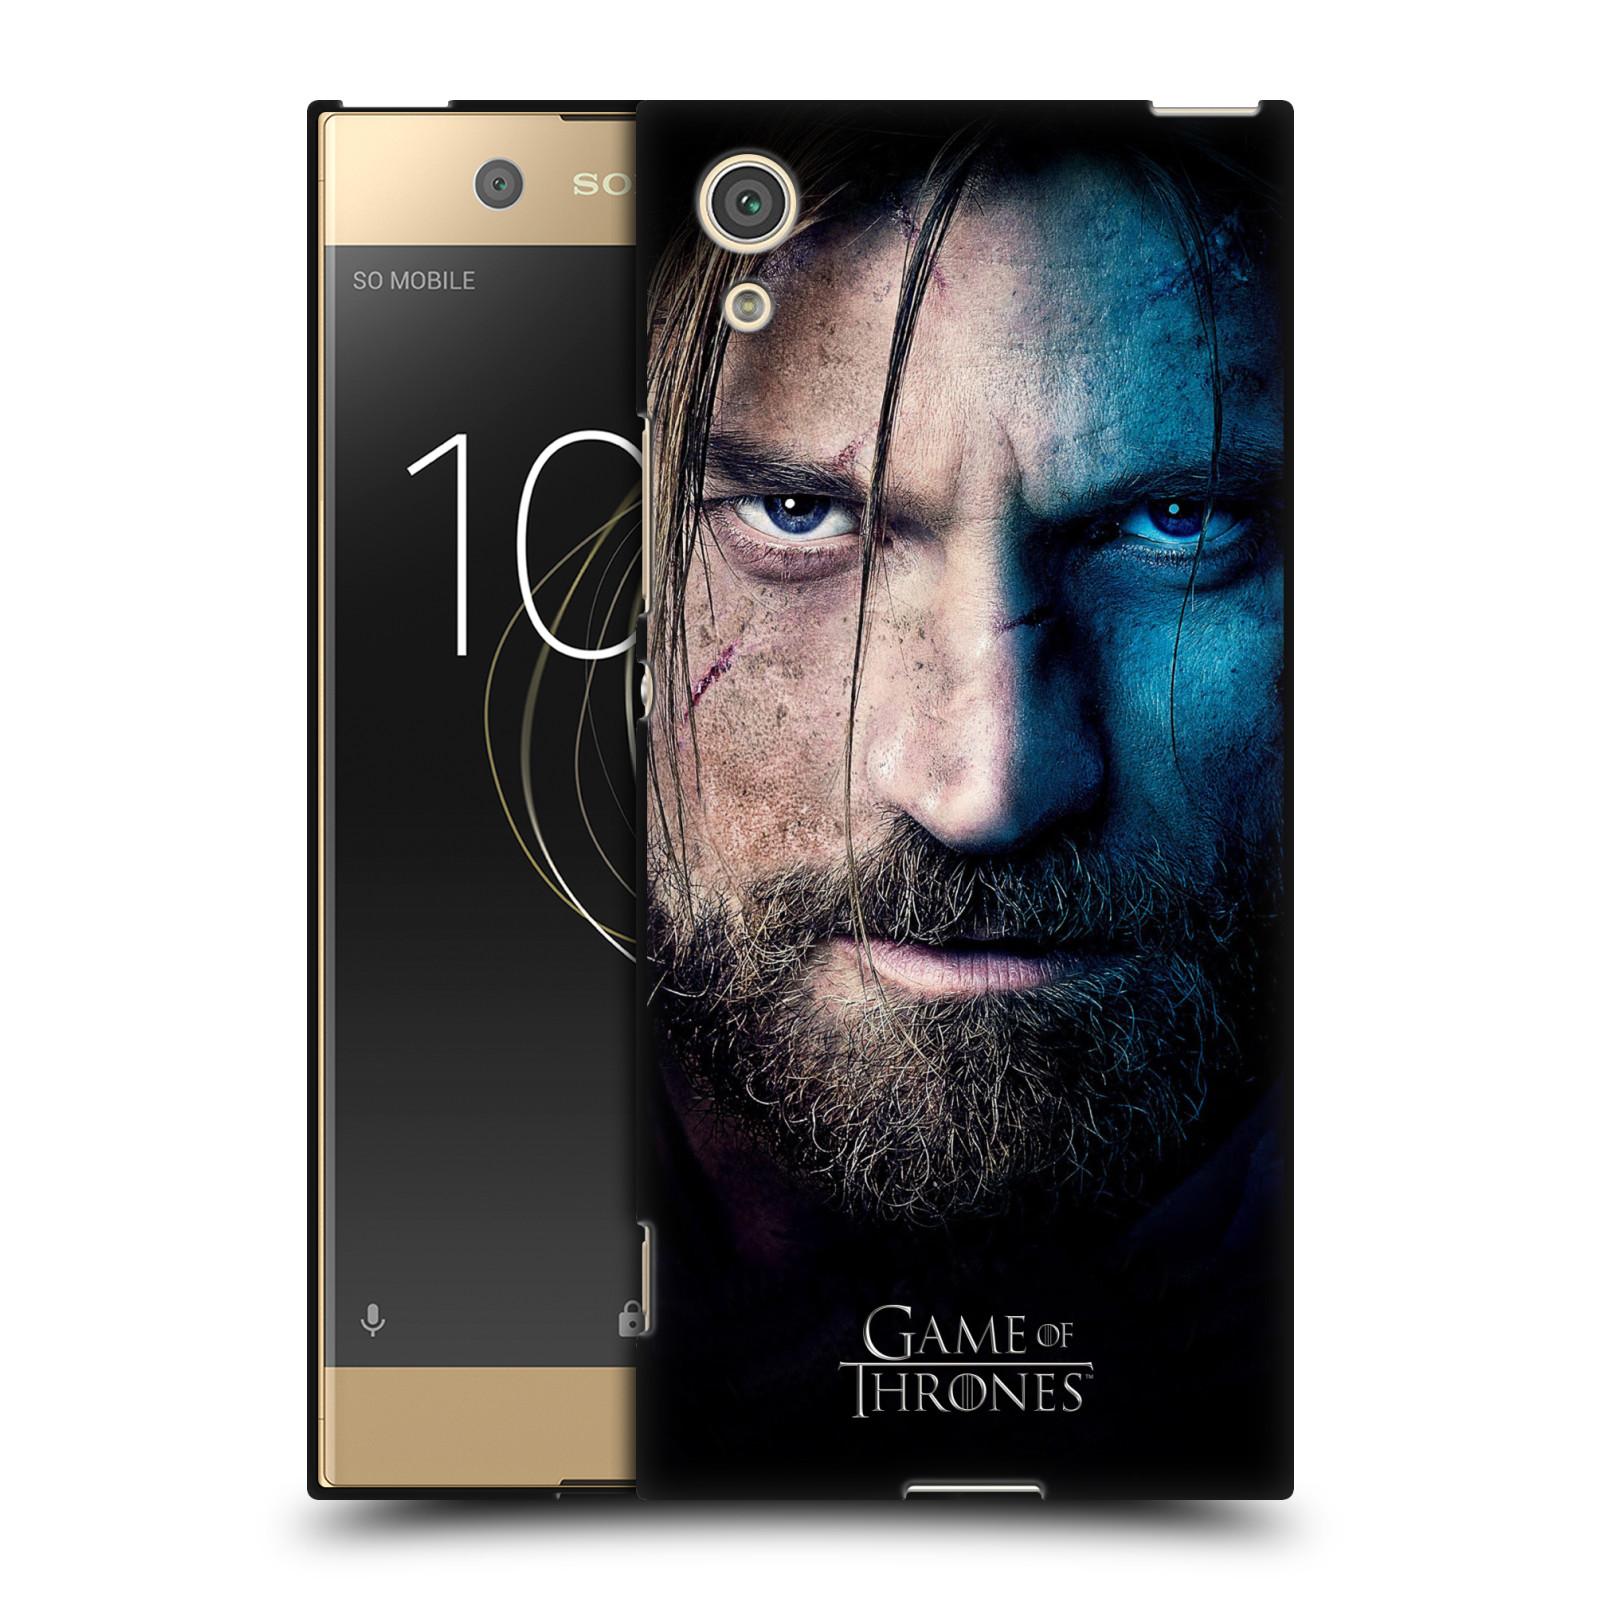 Oficial-HBO-Juego-de-Tronos-moneda-Valar-Morghulis-Negro-Gel-Suave-Estuche-Para-Sony-Telefonos